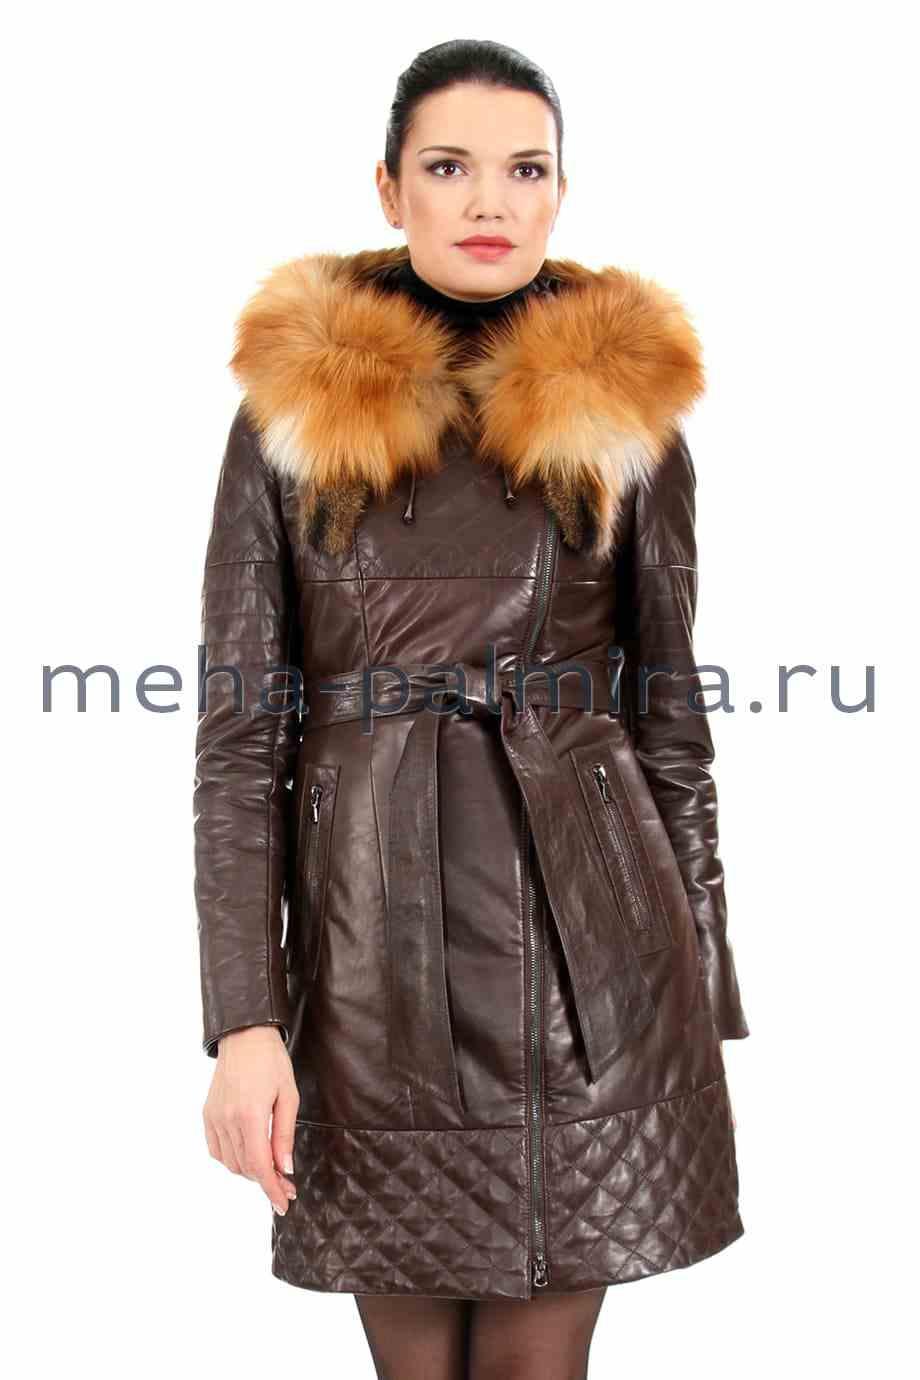 Коричневый кожаный плащ на молнии, с капюшоном с мехом лисы